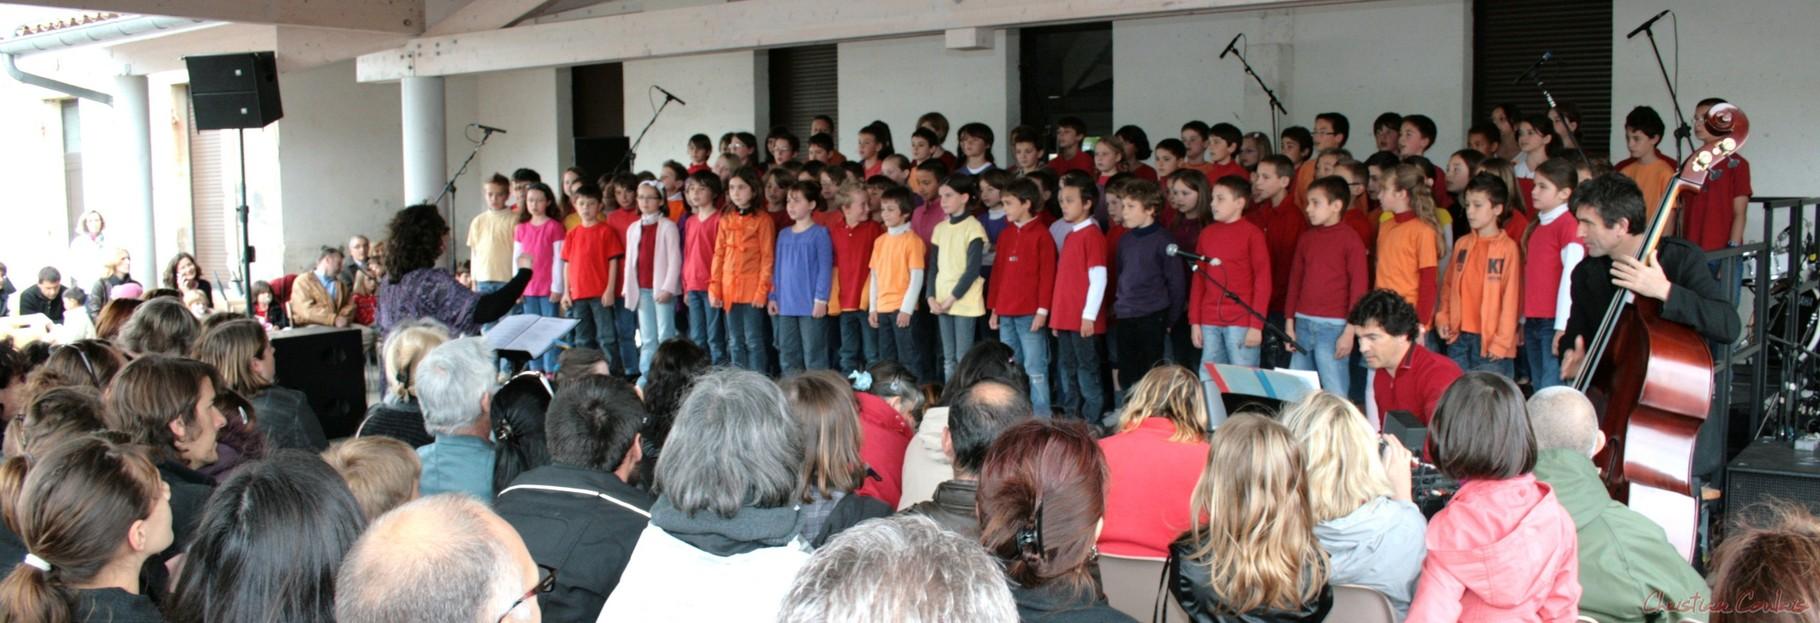 Festival JAZZ360 2010, Chorale jazz des écoles de la Communauté de Communes des Portes de l'Entre-Deux-Mers, Cénac